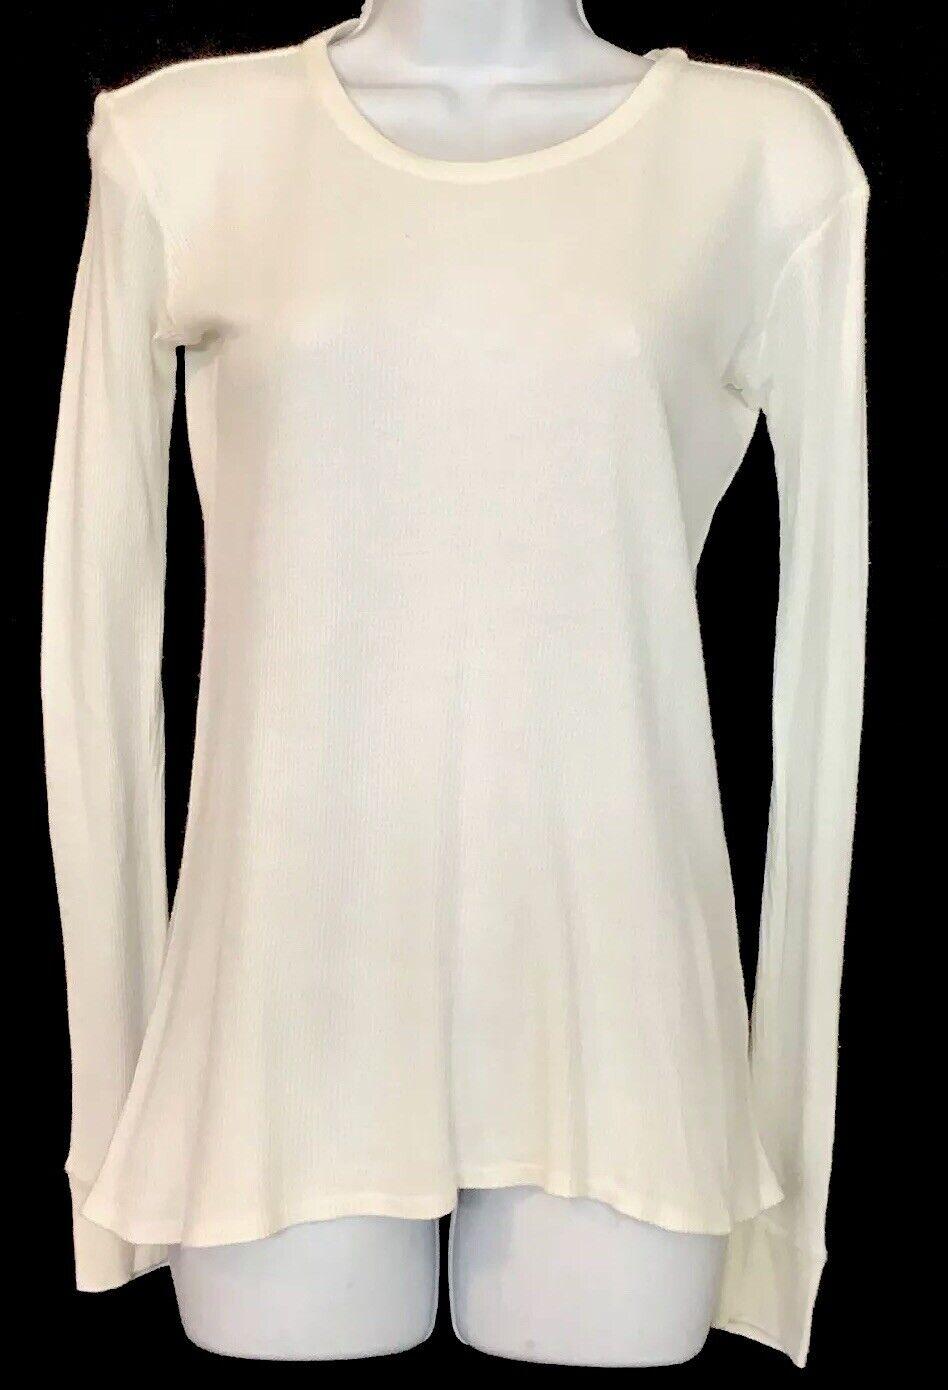 The Row Thermal oben Weiß Texturot Langesleeve Cotton Größe Medium